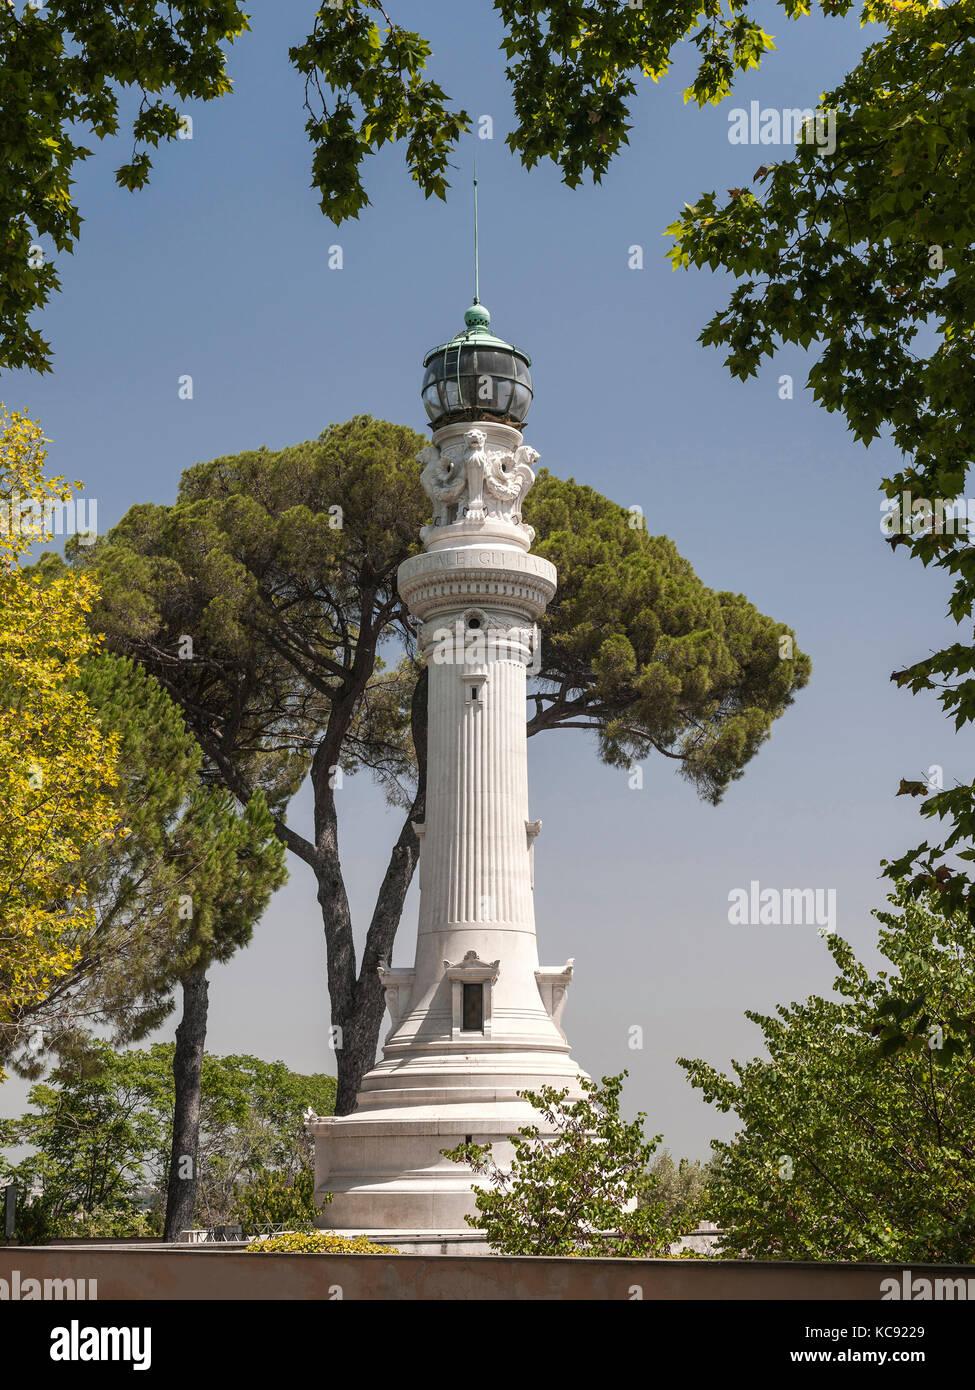 Faro degli italiani d'argentina on Gianicolo Hill in Rome. - Stock Image